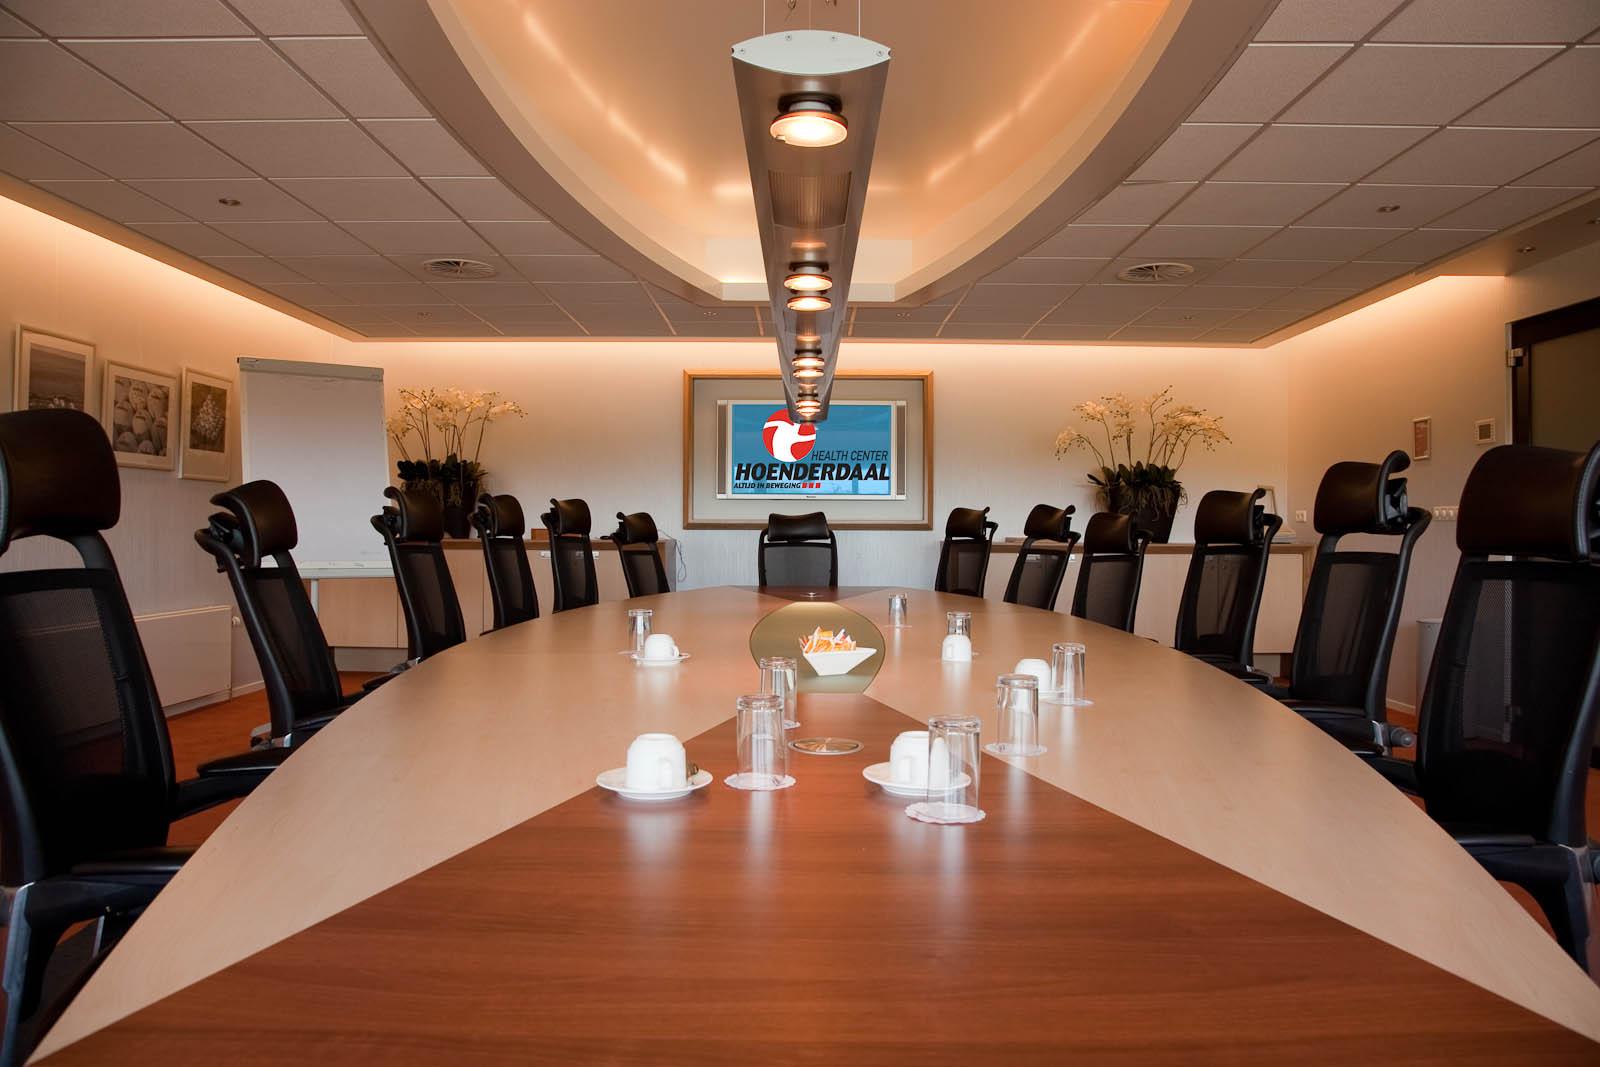 Interierfotograaf en architectuurfotograaf Robert Zwart brengt een vergaderzaal in beel van healthcentre Hoenderdaal.